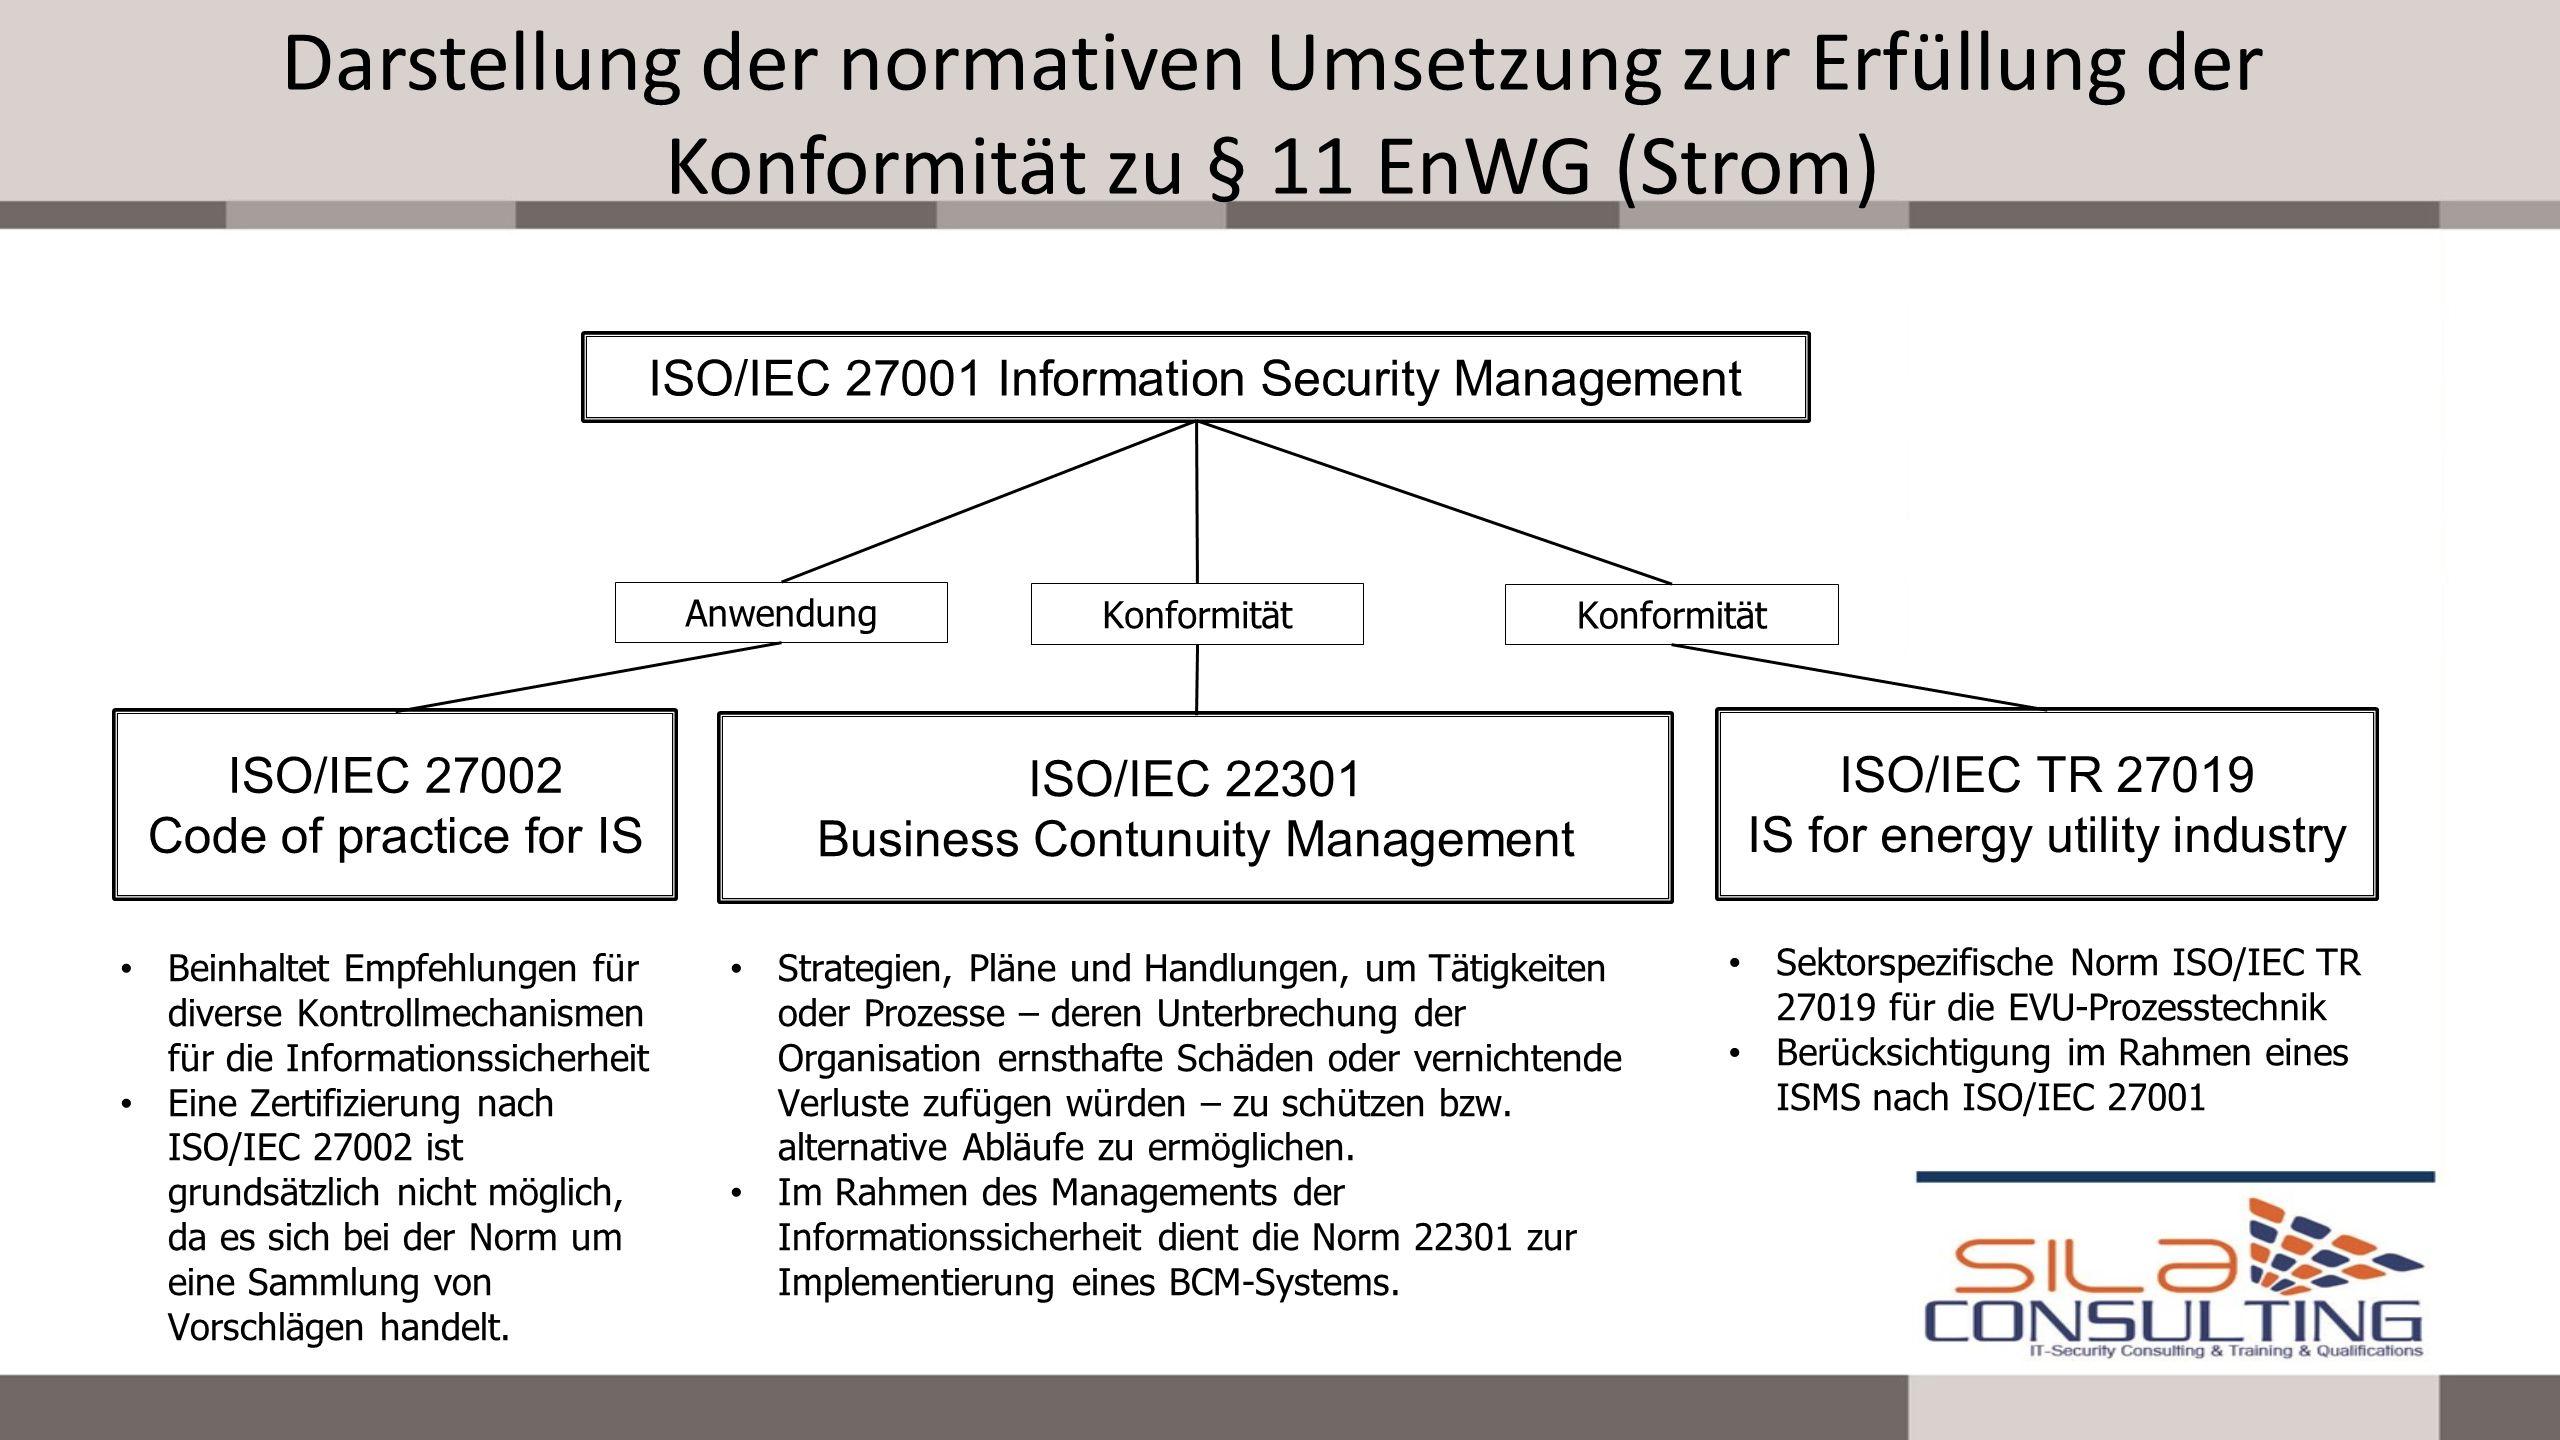 Darstellung der normativen Umsetzung zur Erfüllung der Konformität zu § 11 EnWG (Strom)